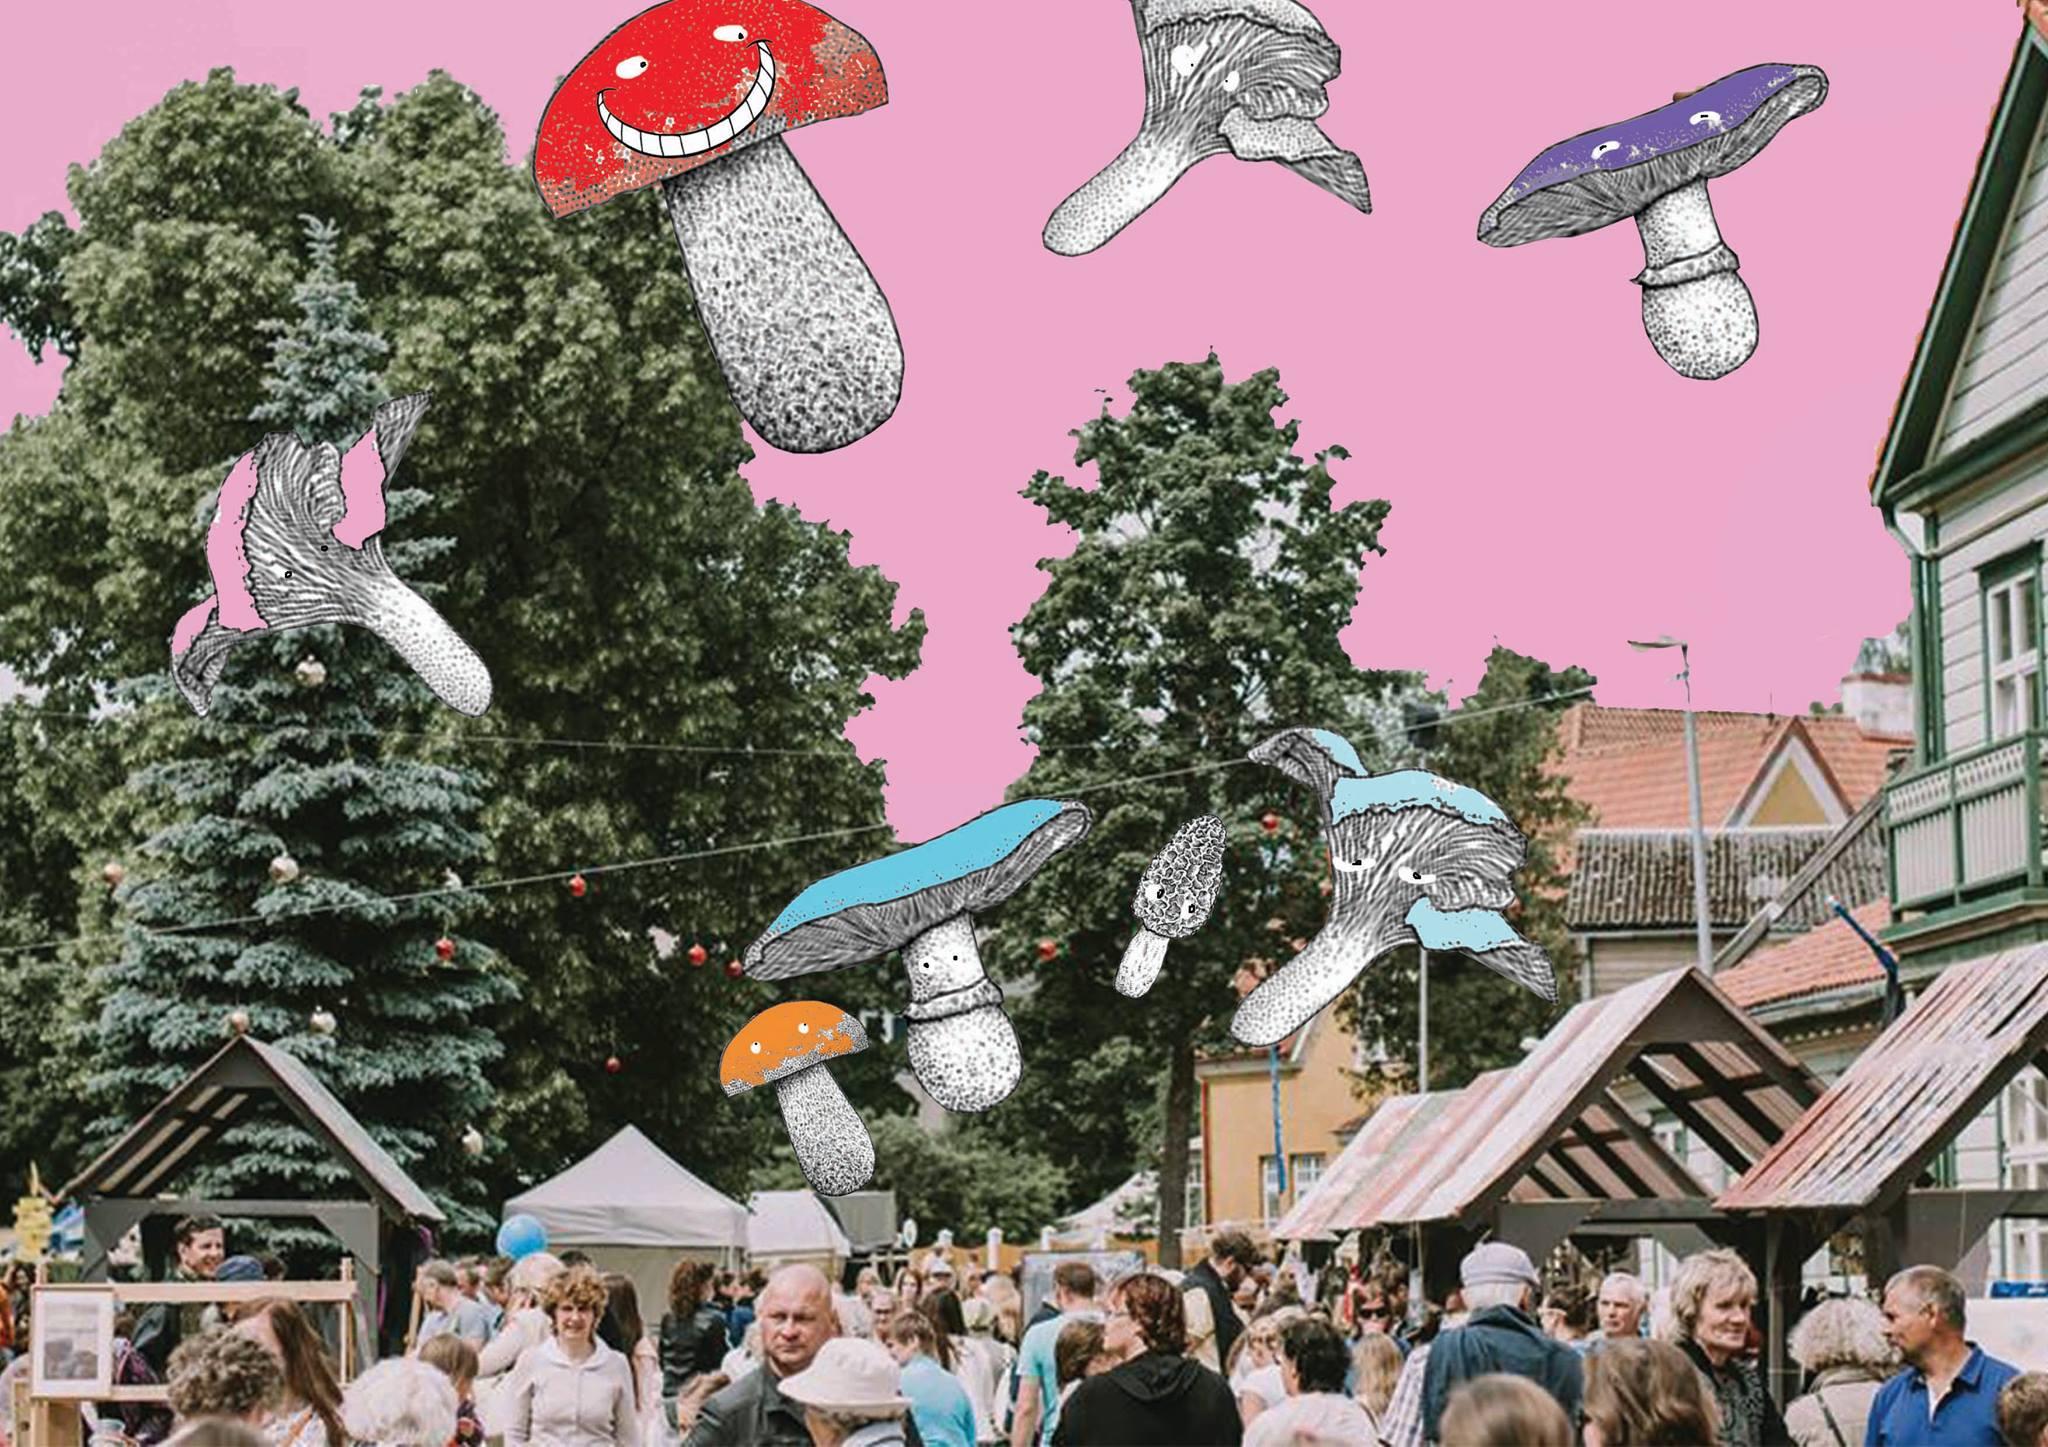 Kunsttükkide tänav 2018 - Viljandis 1. juuni